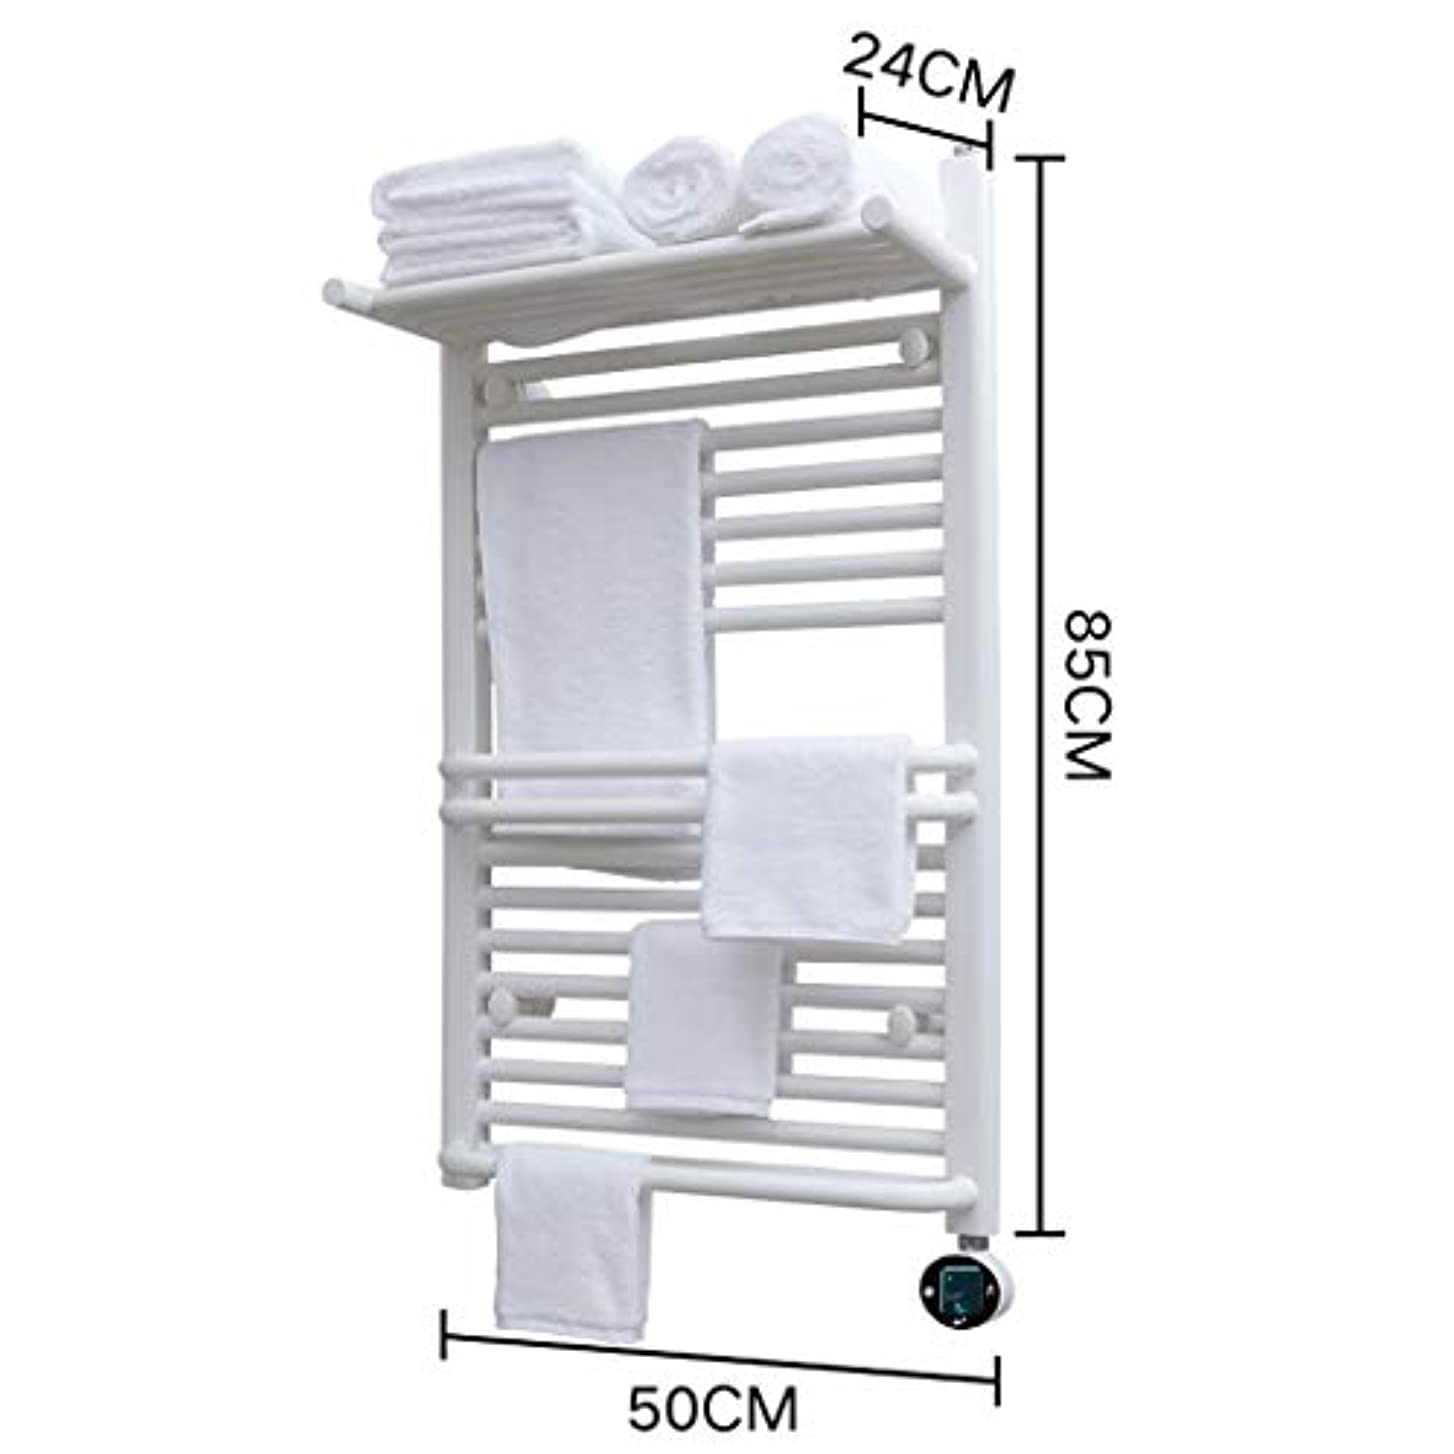 洗練ヤング鹿WHJ@ 熱くするタオルレールの無煙炭の浴室のラジエーター、4つのサイズ、白くおよび黒、IPX4防水、一定した温度